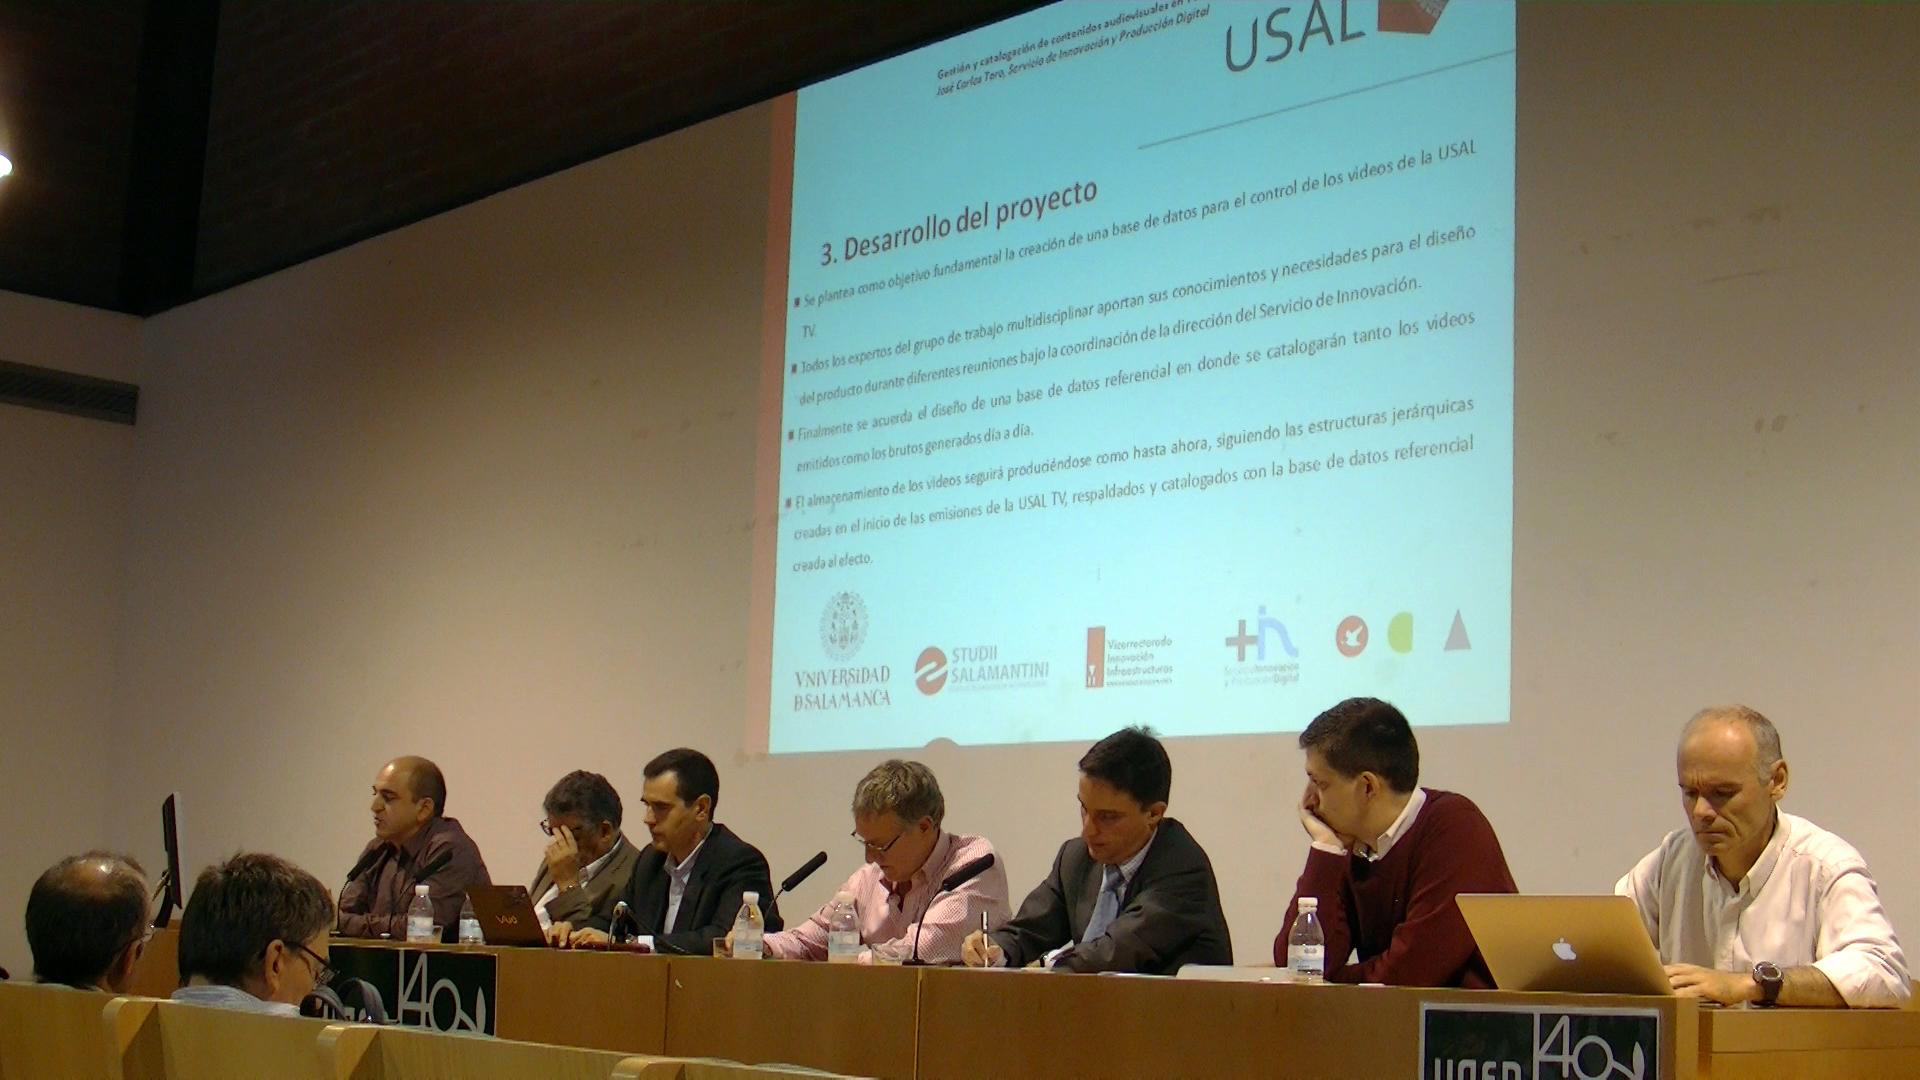 USAL TV presenta su sistema de gestión y archivo de contenidos audiovisuales a las universidades españolas